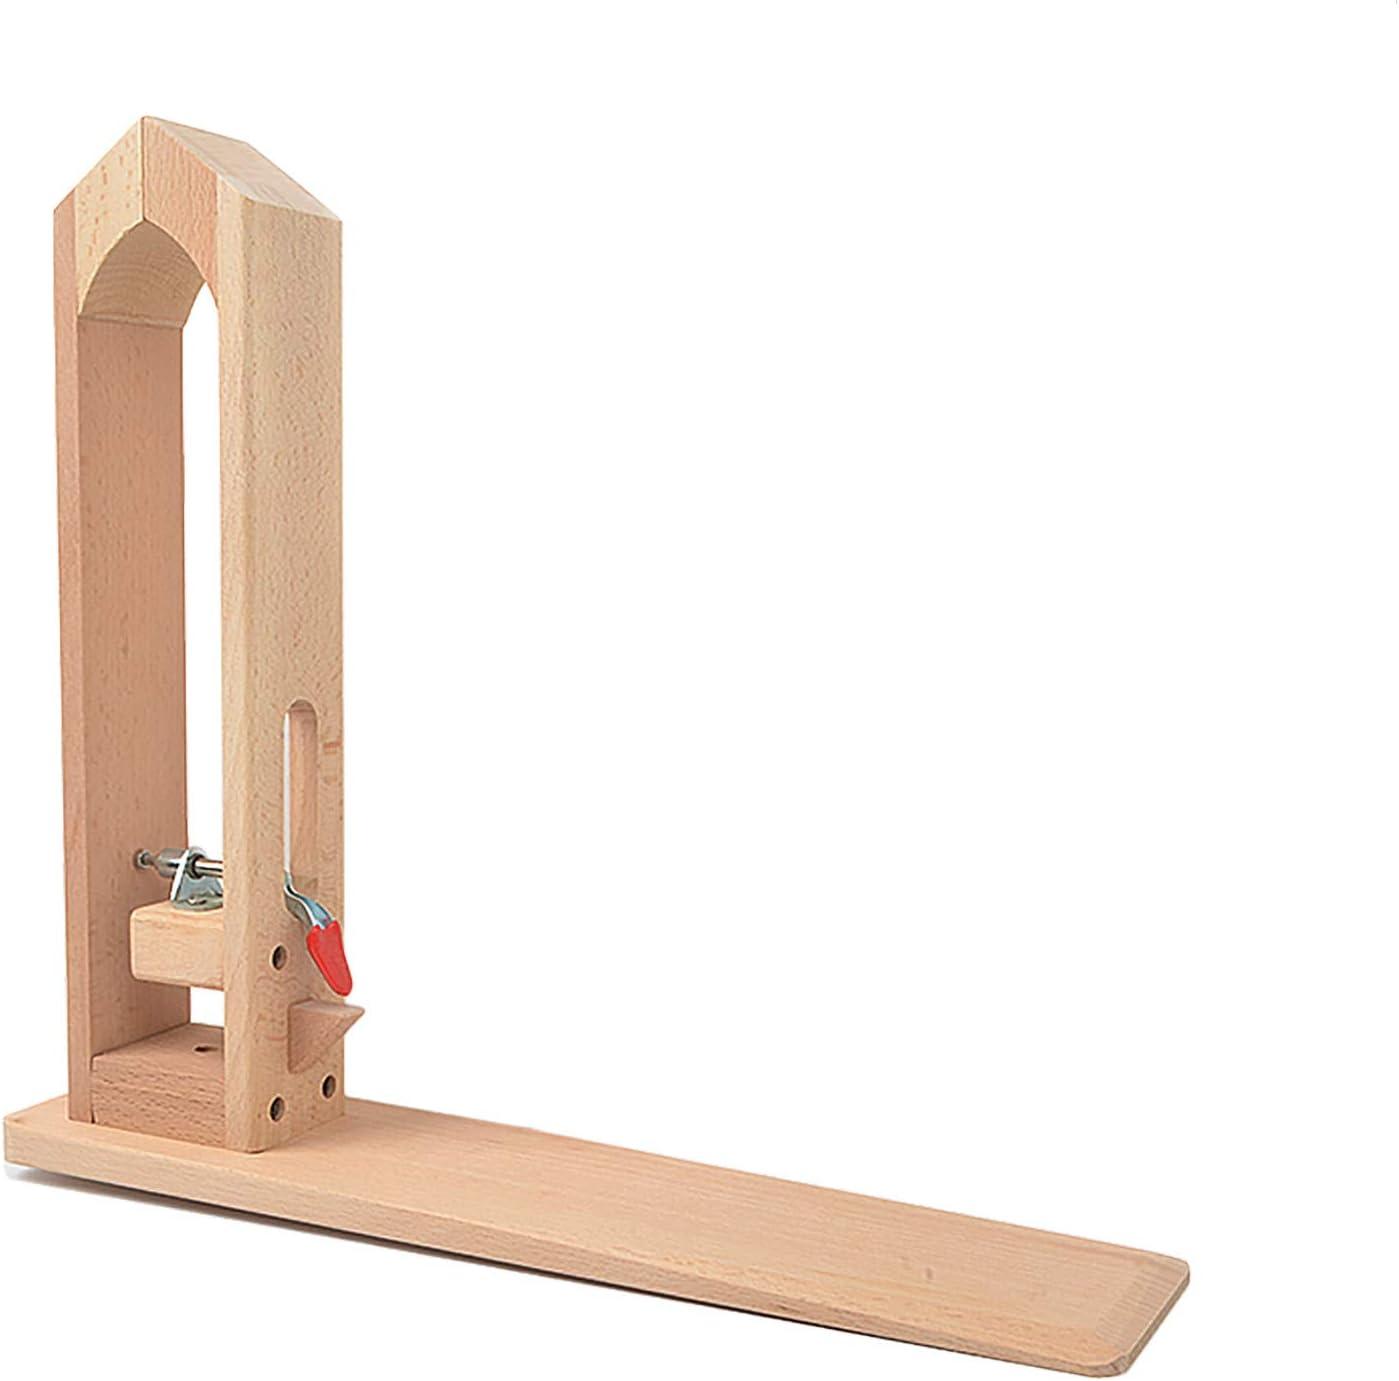 Mesa de madera para manualidades con cordones de escritorio, caballo, para costura a mano, herramientas de artesanía en cuero: